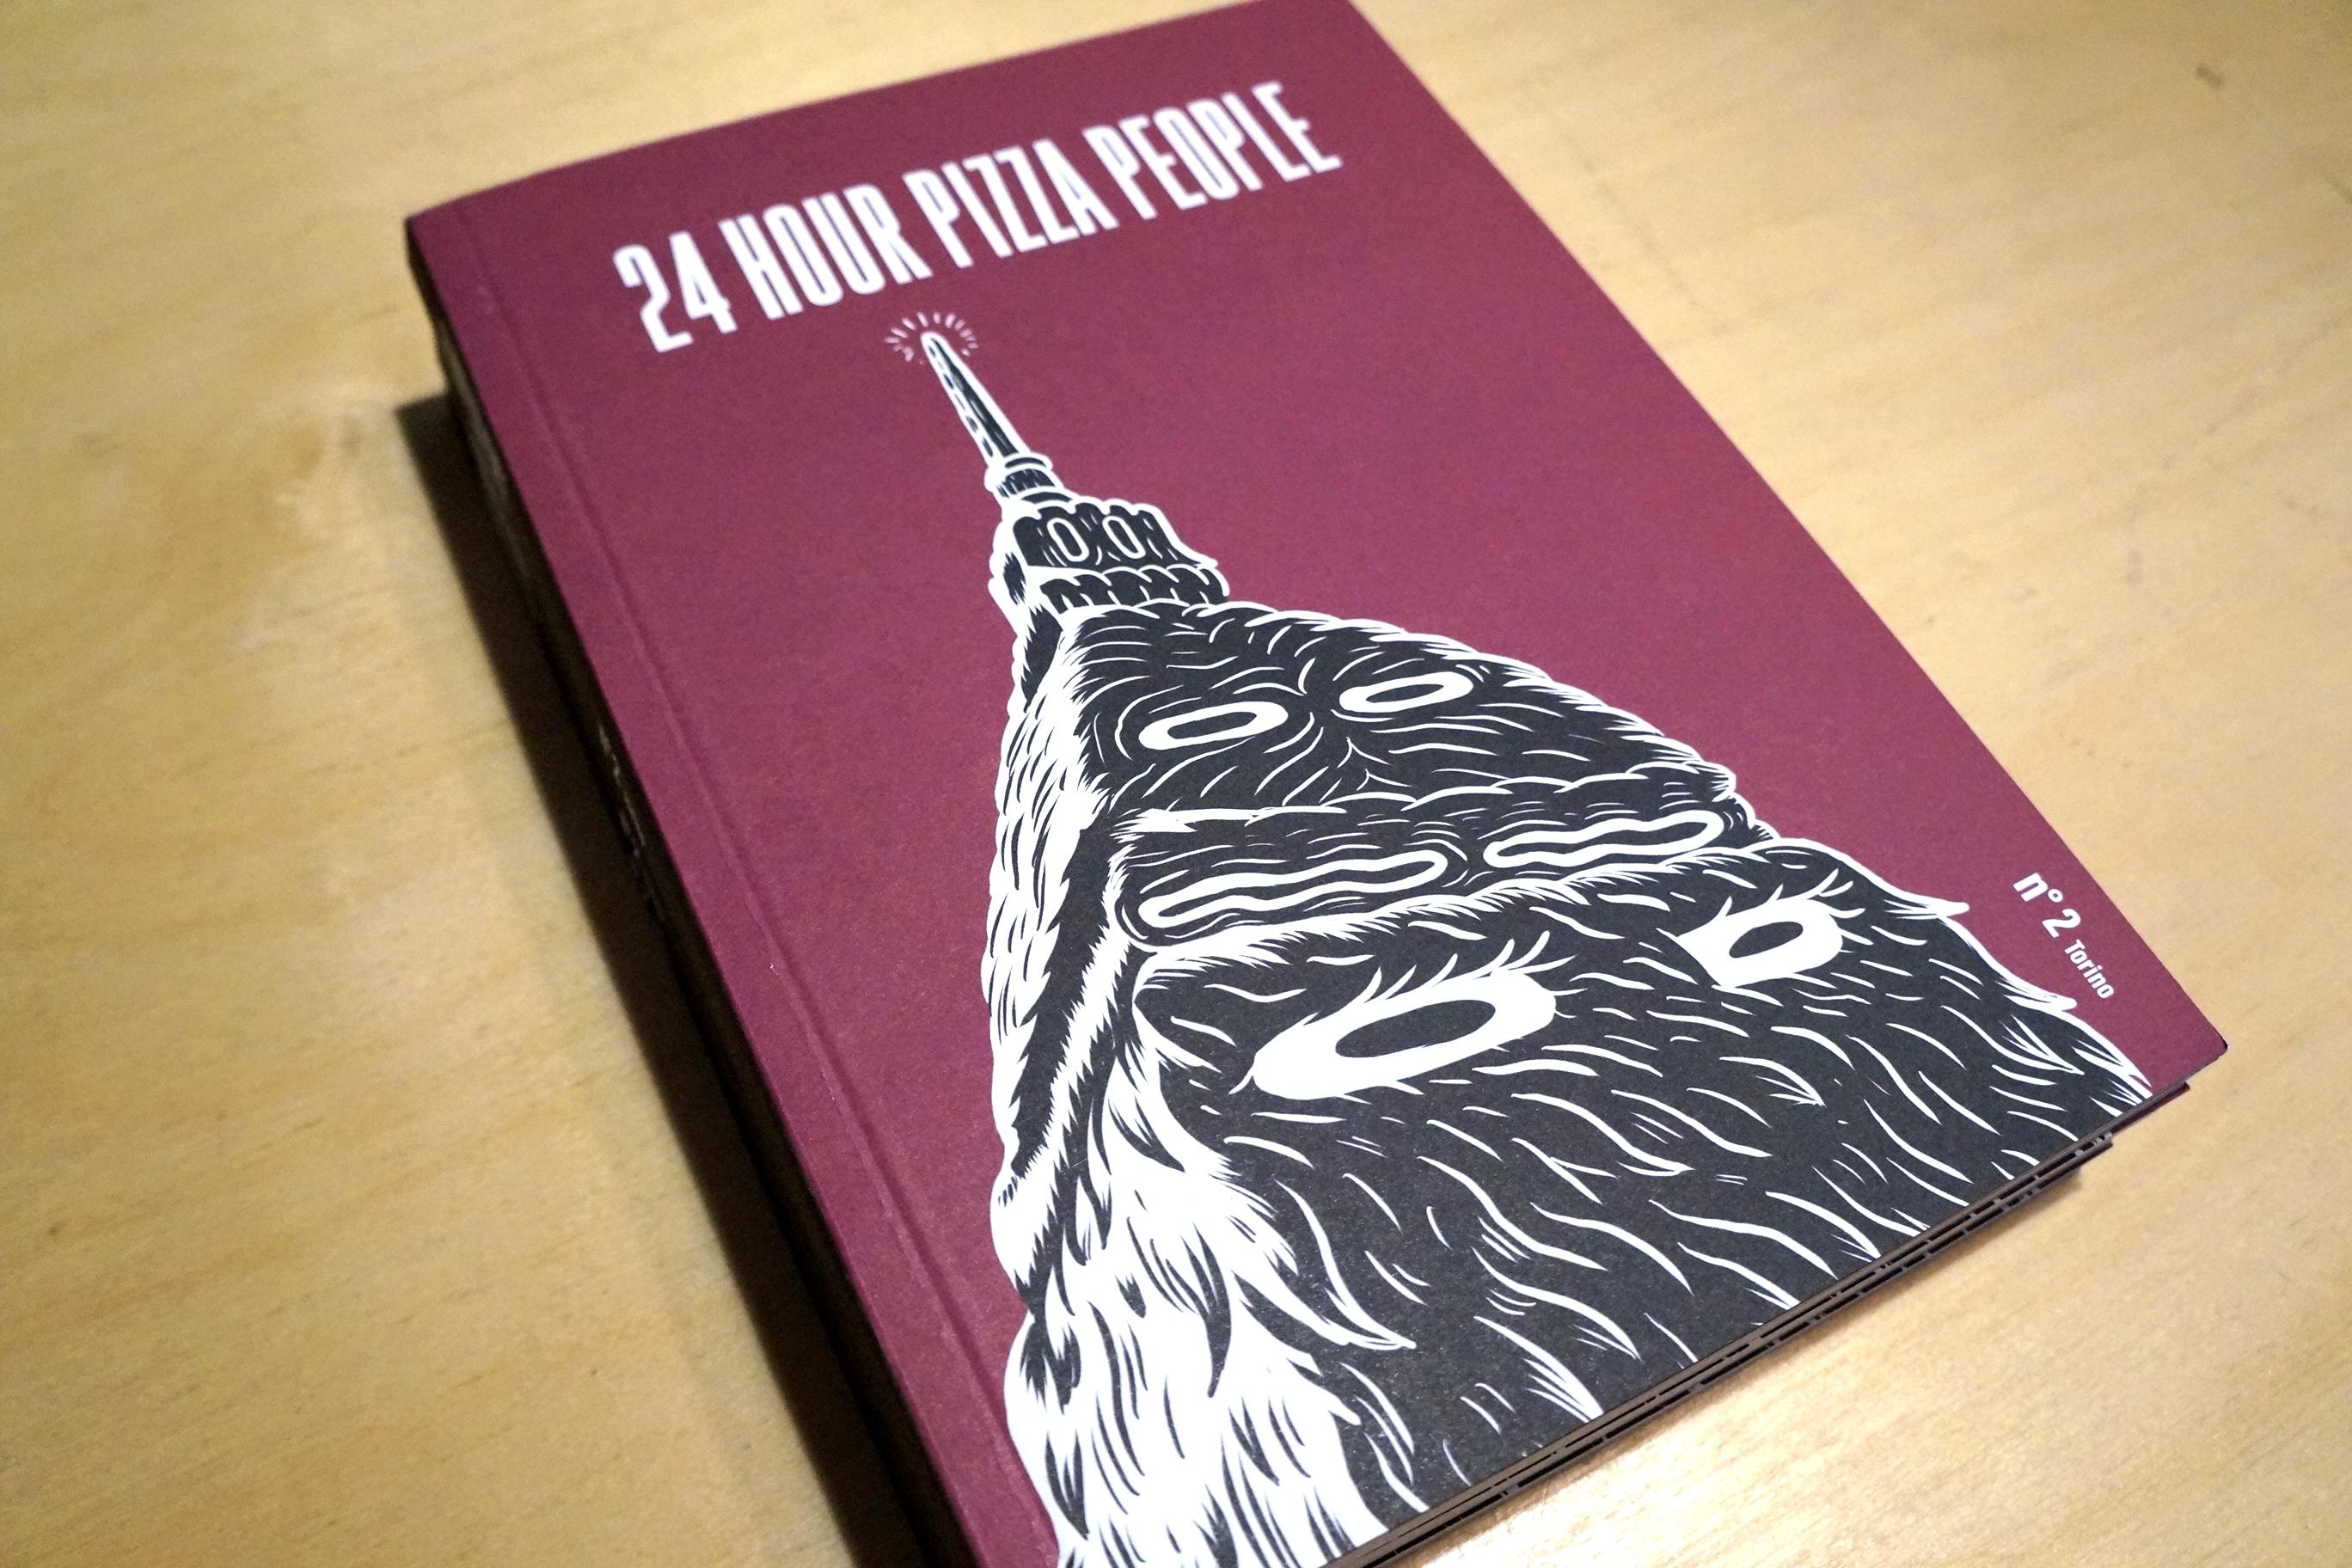 24 HOUR PIZZA PEOPLE  - MAGAZINE N°2  - TORINO - PREZZO SPECIALE 10 EURO (prezzo copertina 15 euro) 0002